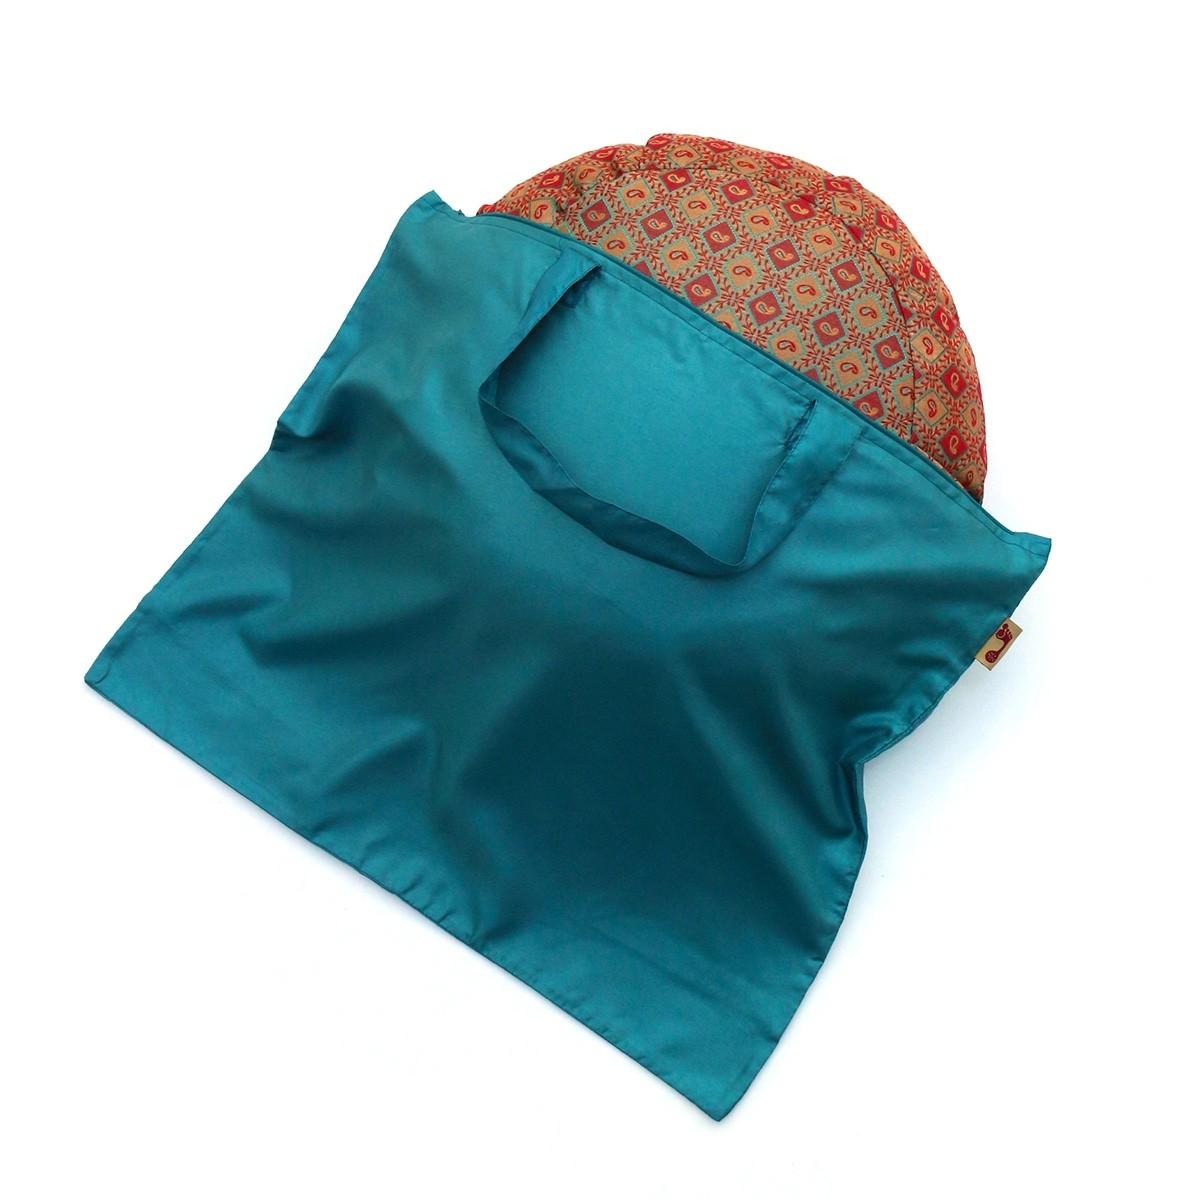 Zafu and Bag Package